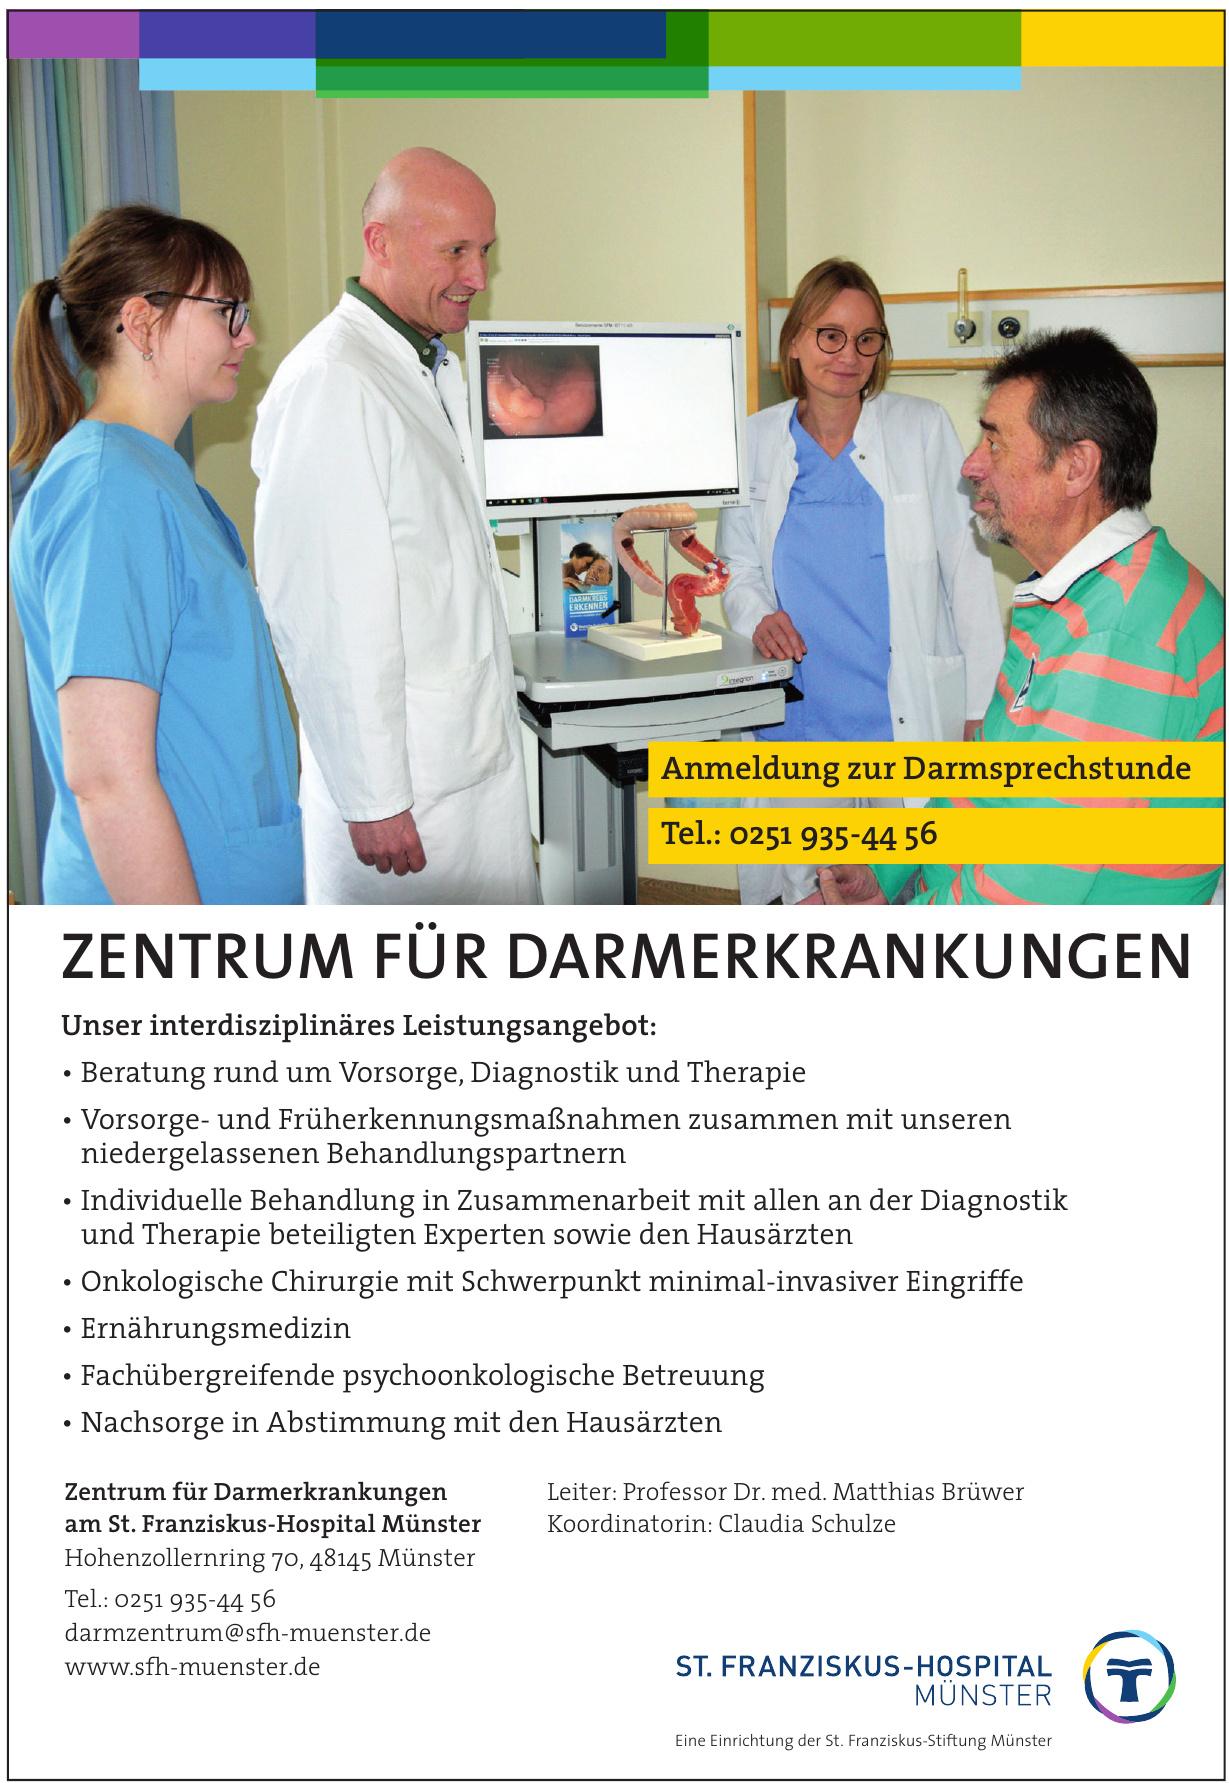 Zentrum für Darmerkrankungen am St. Franziskus-Hospital Münster